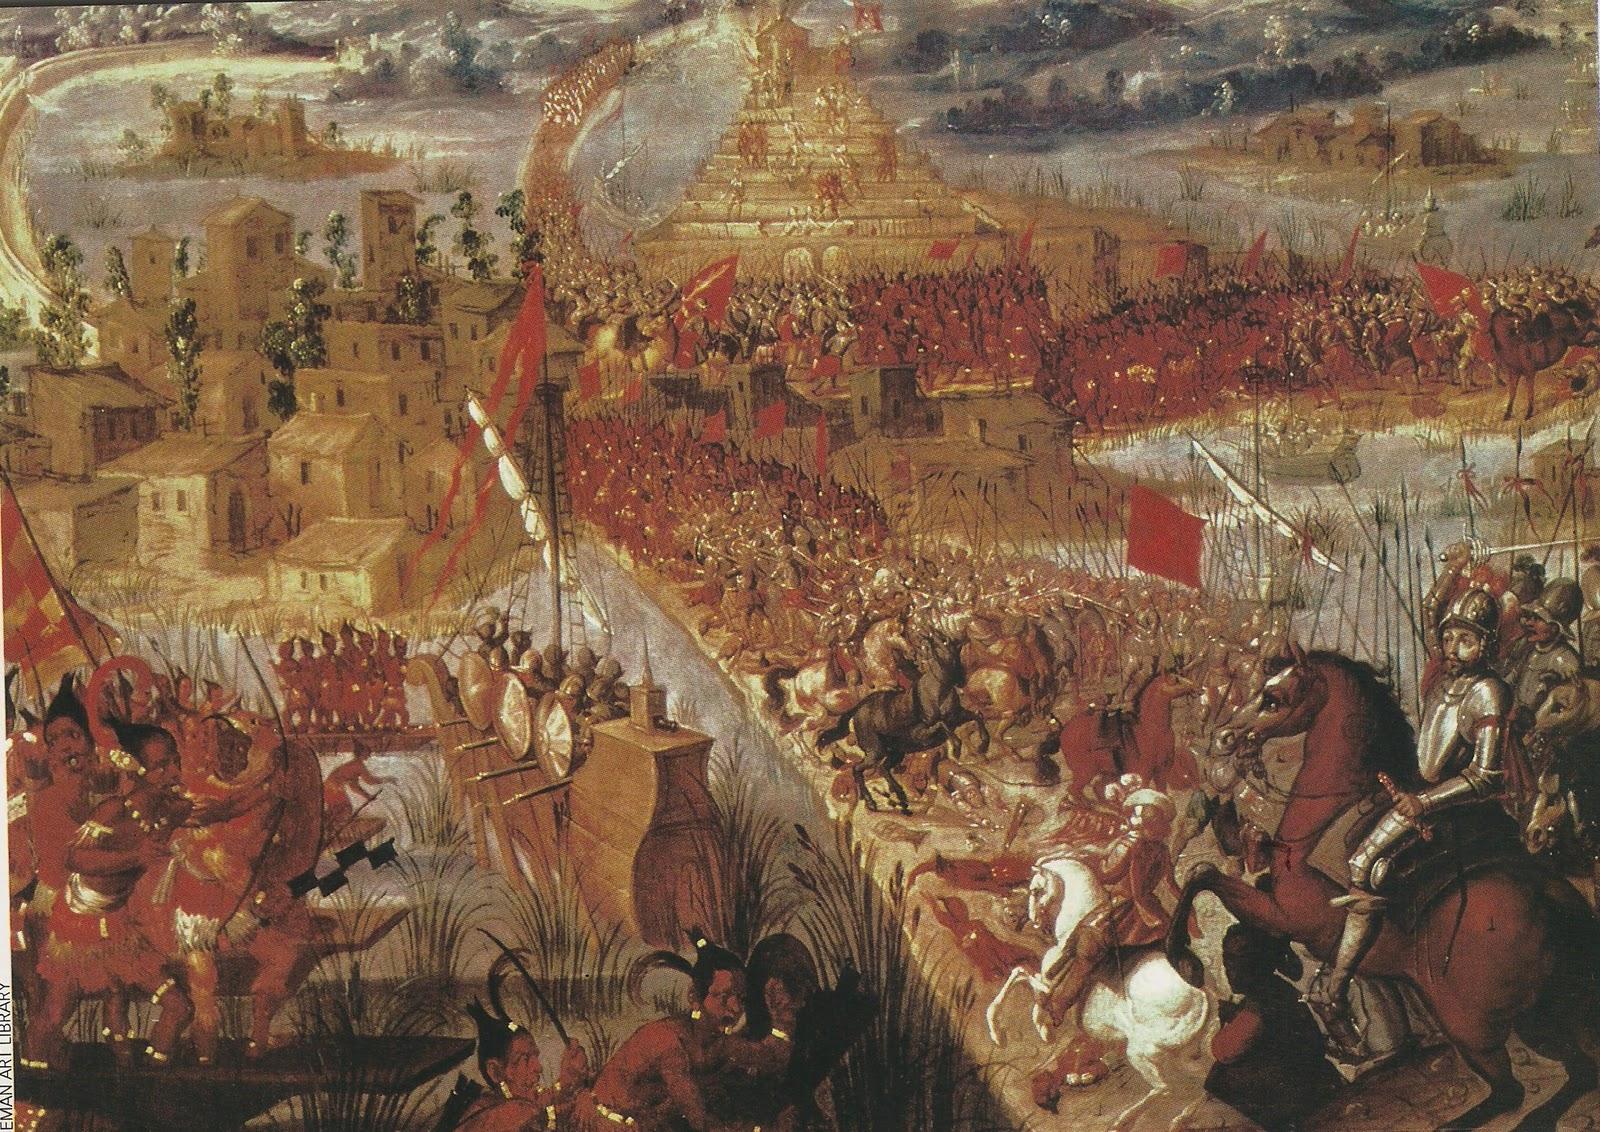 1521: Hernan cortes , la conquista de mexico - la Historia sin Historietas